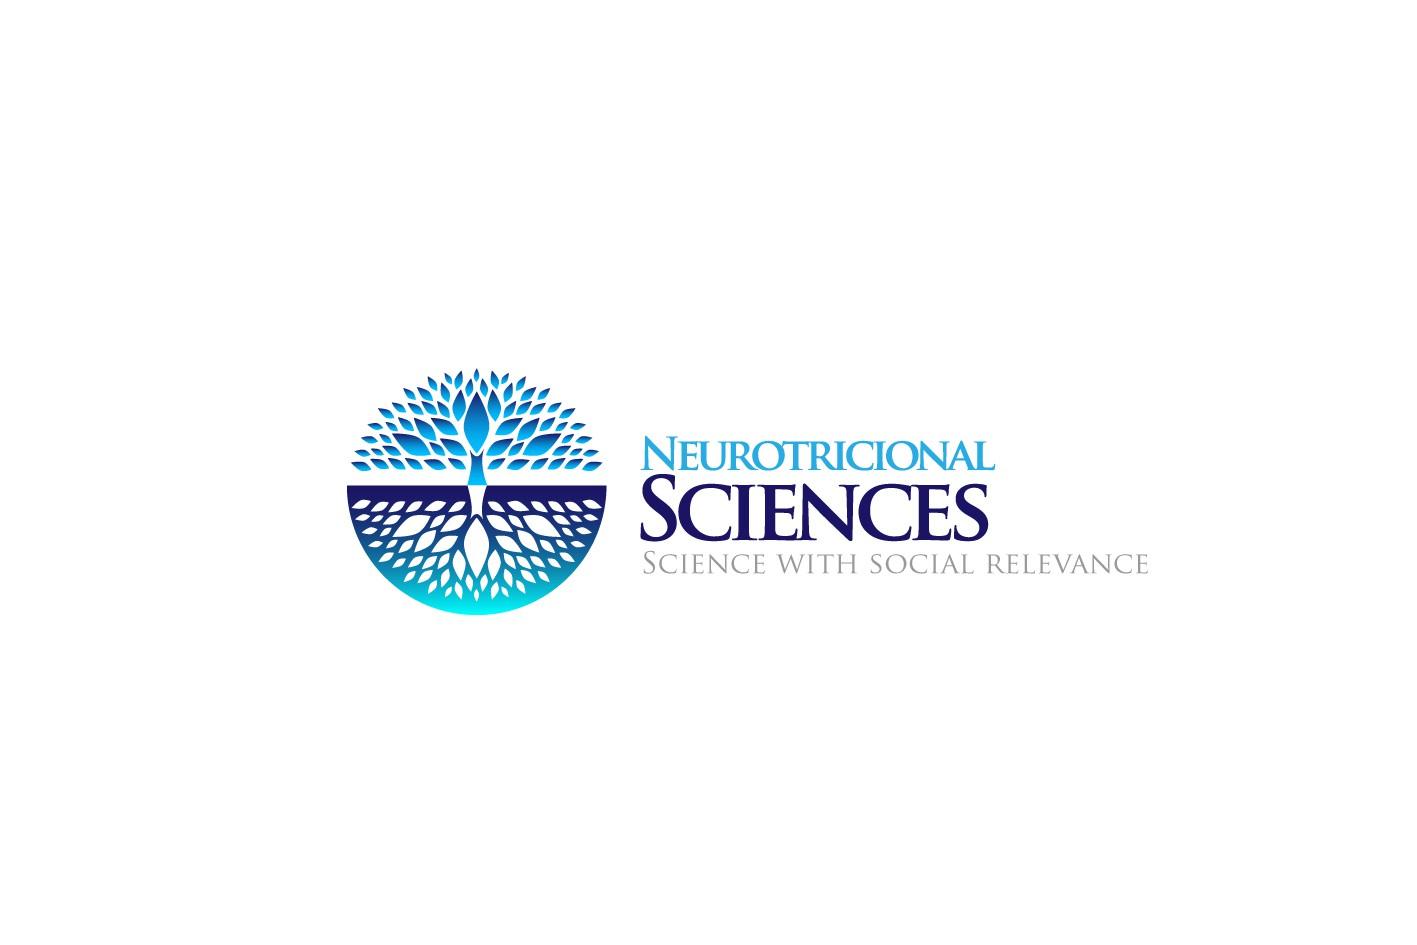 logo for Neurotricional Sciences